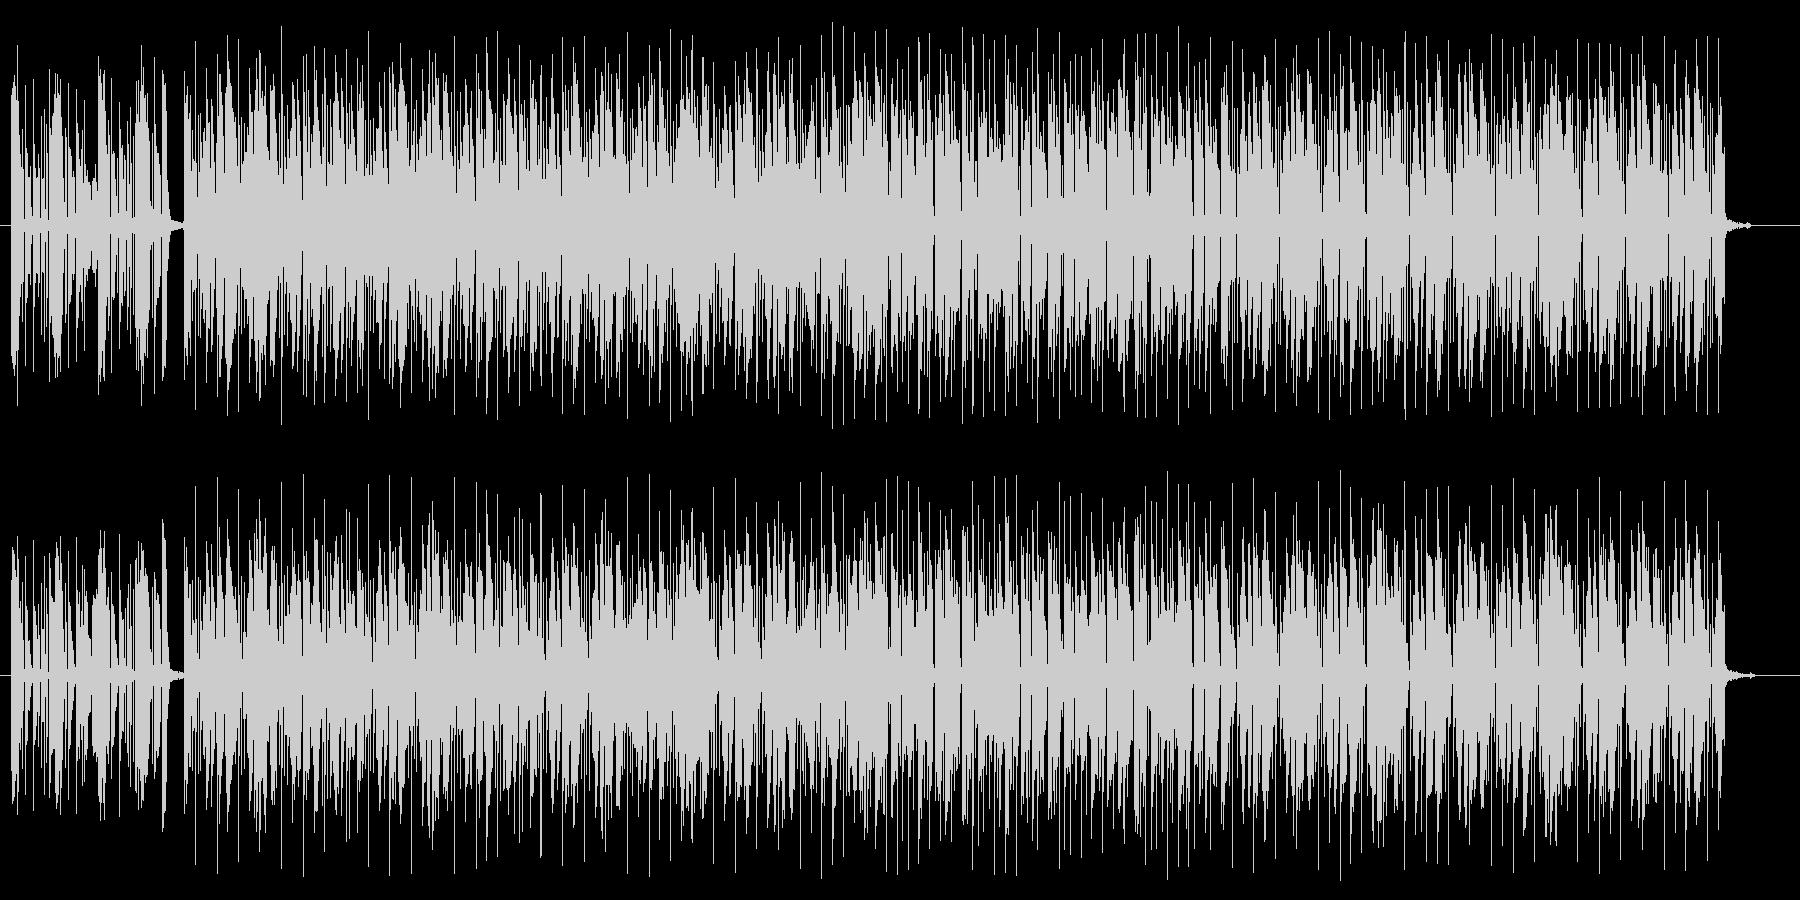 雰囲気あるギターのロックの曲の未再生の波形